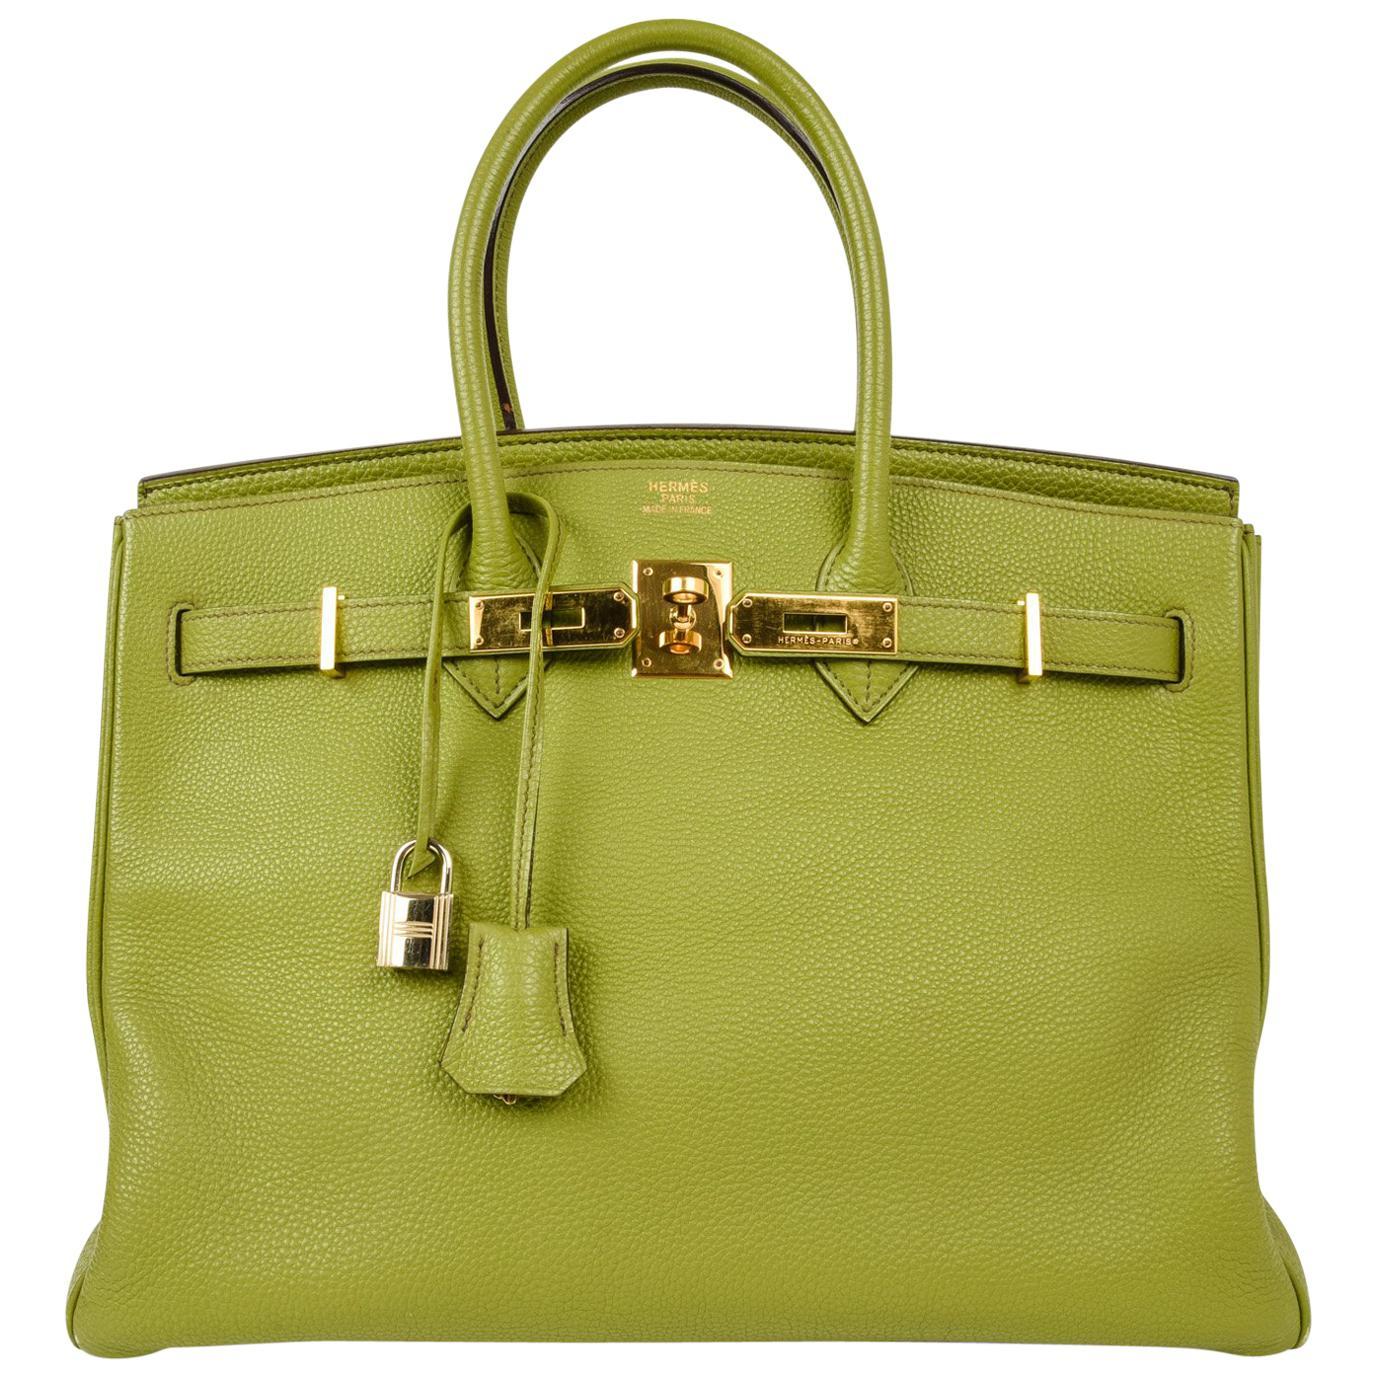 ... uk hermes birkin 35 bag chartreuse togo gold hardware 6077d 794ab ceef85dba0d49